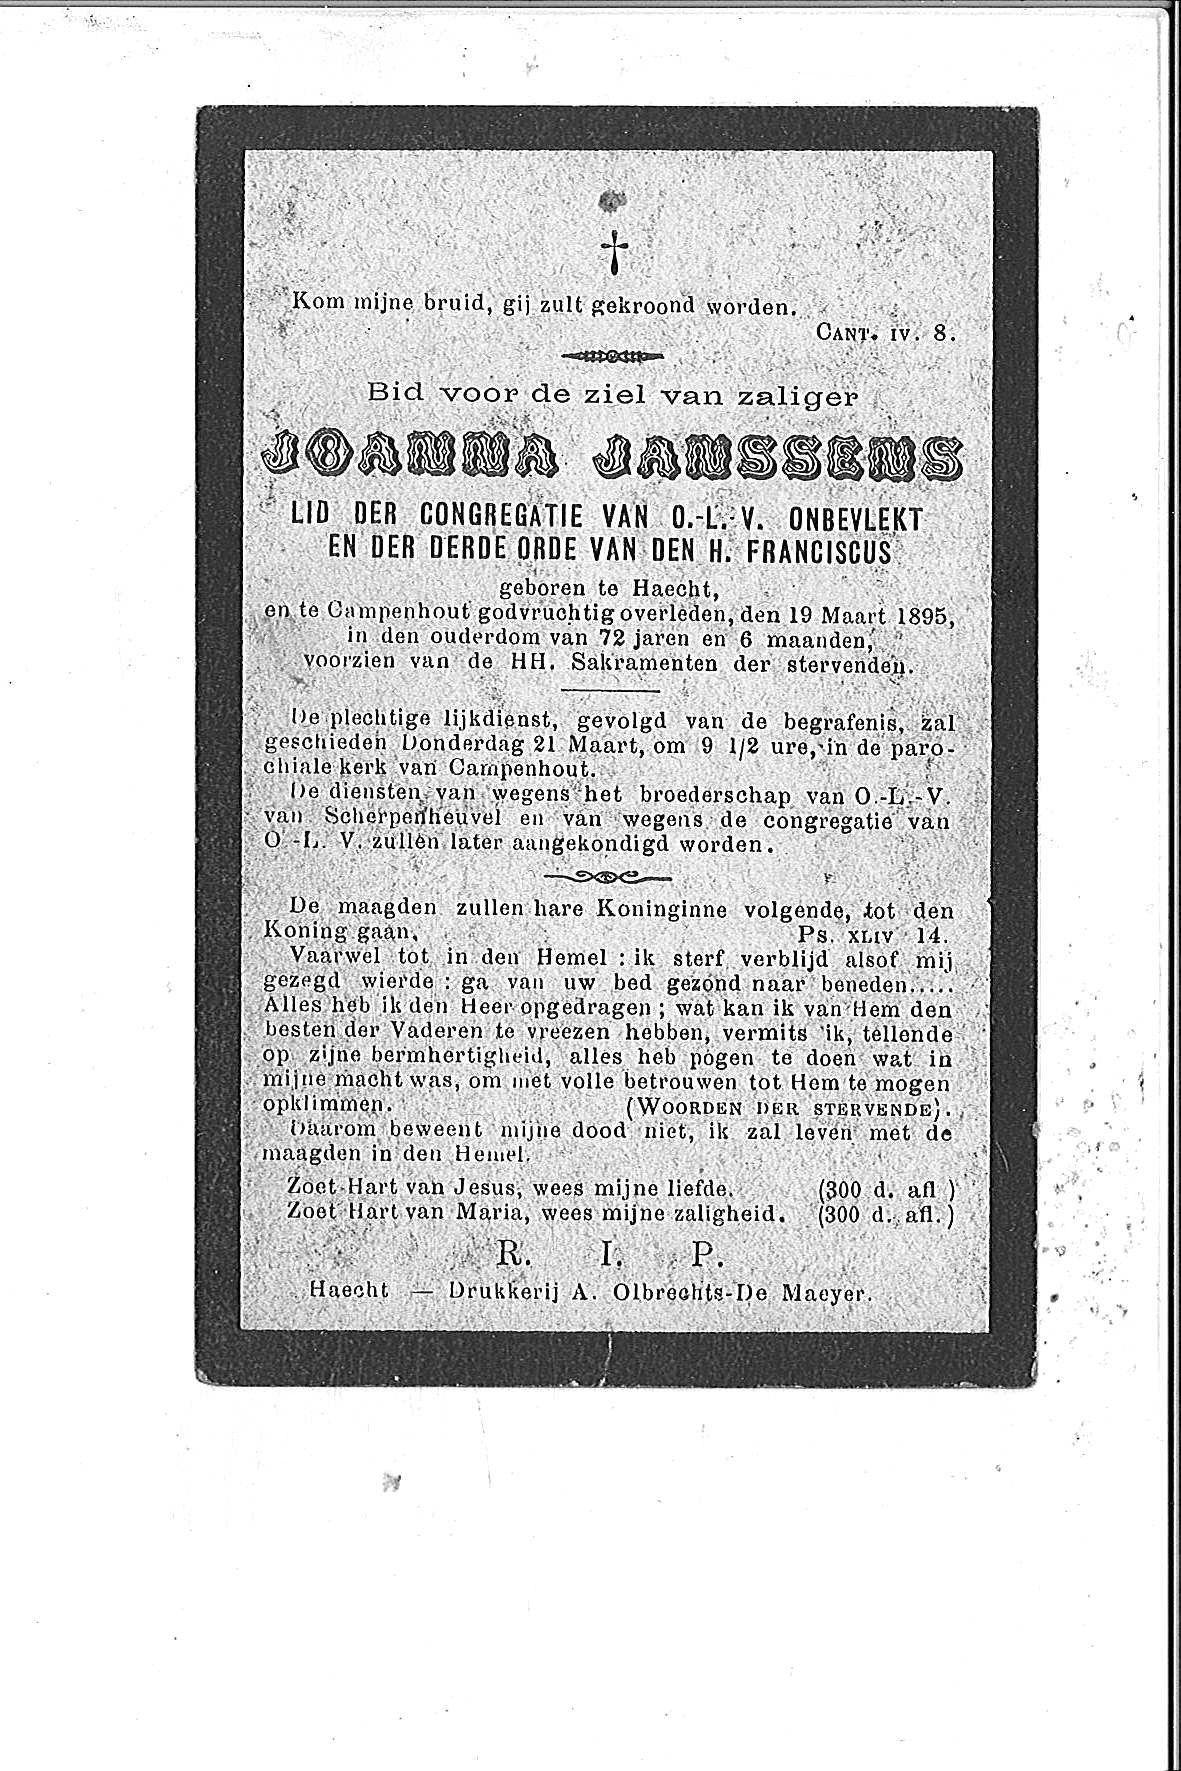 Joanna(1895)20150330113327_00035.jpg